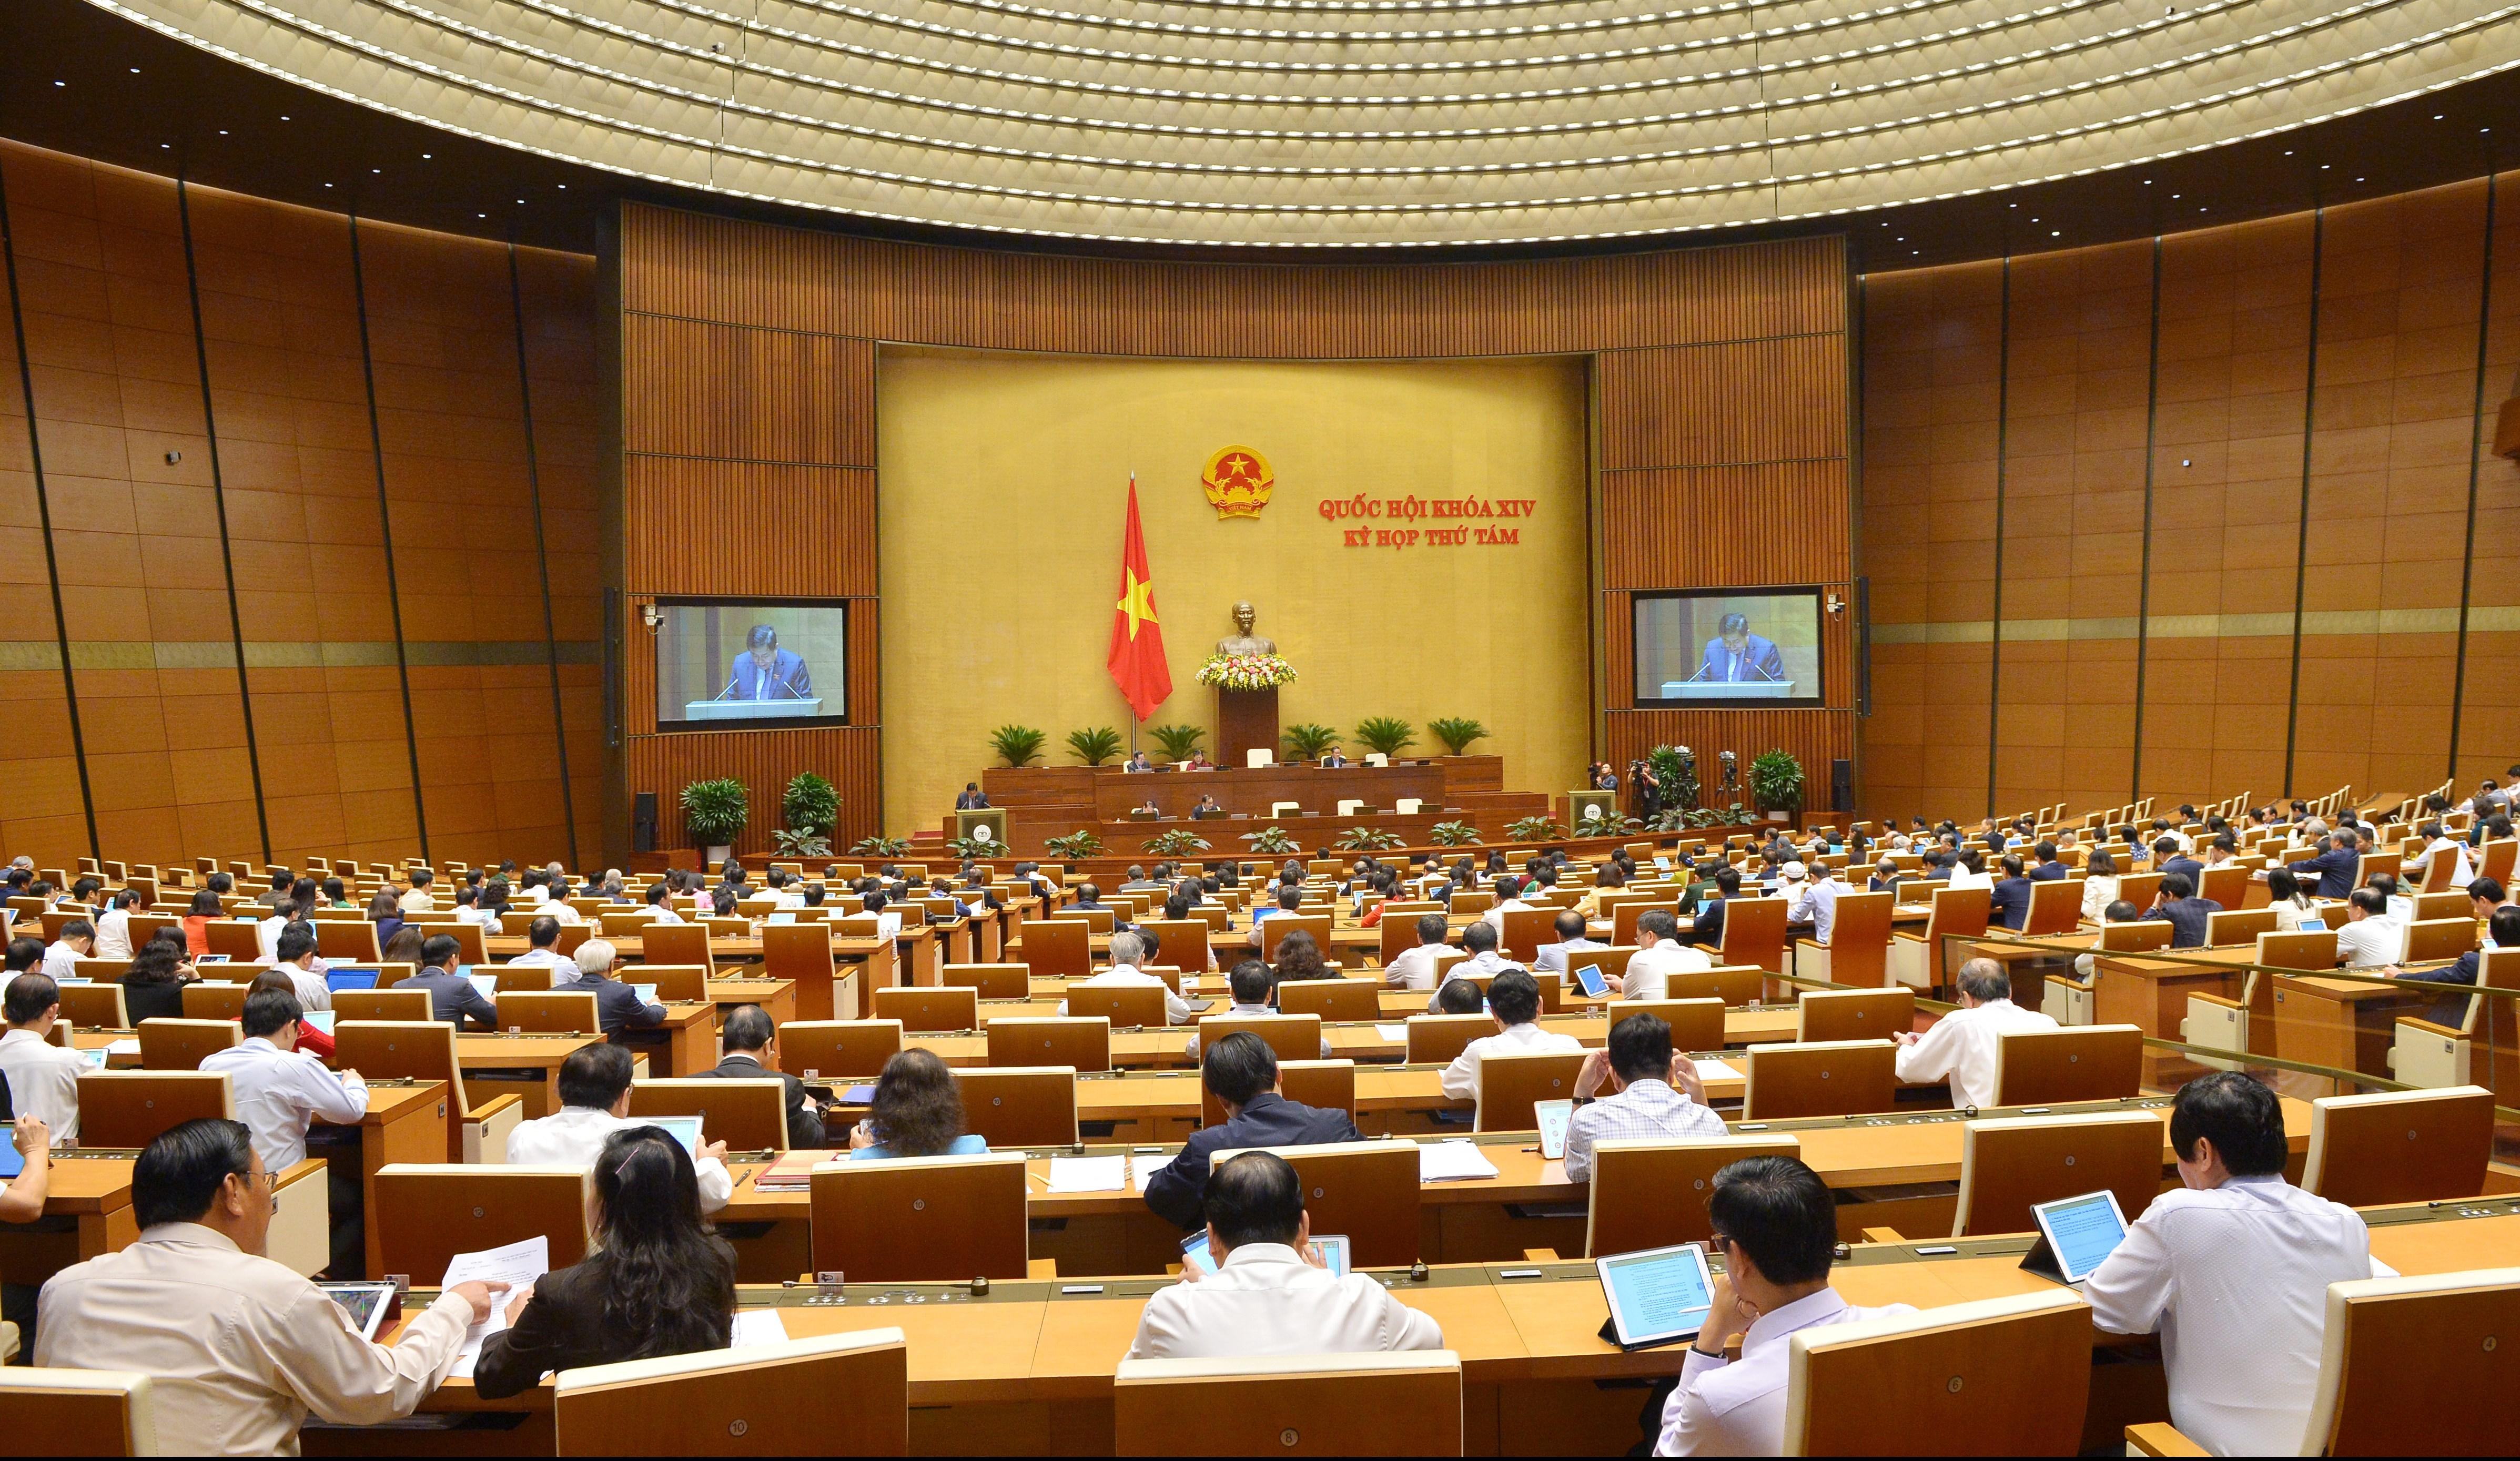 Đại biểu Quốc hội trong phiên làm việc ở Hội trường tại kỳ họp thứ 8, Quốc hội khóa XIV